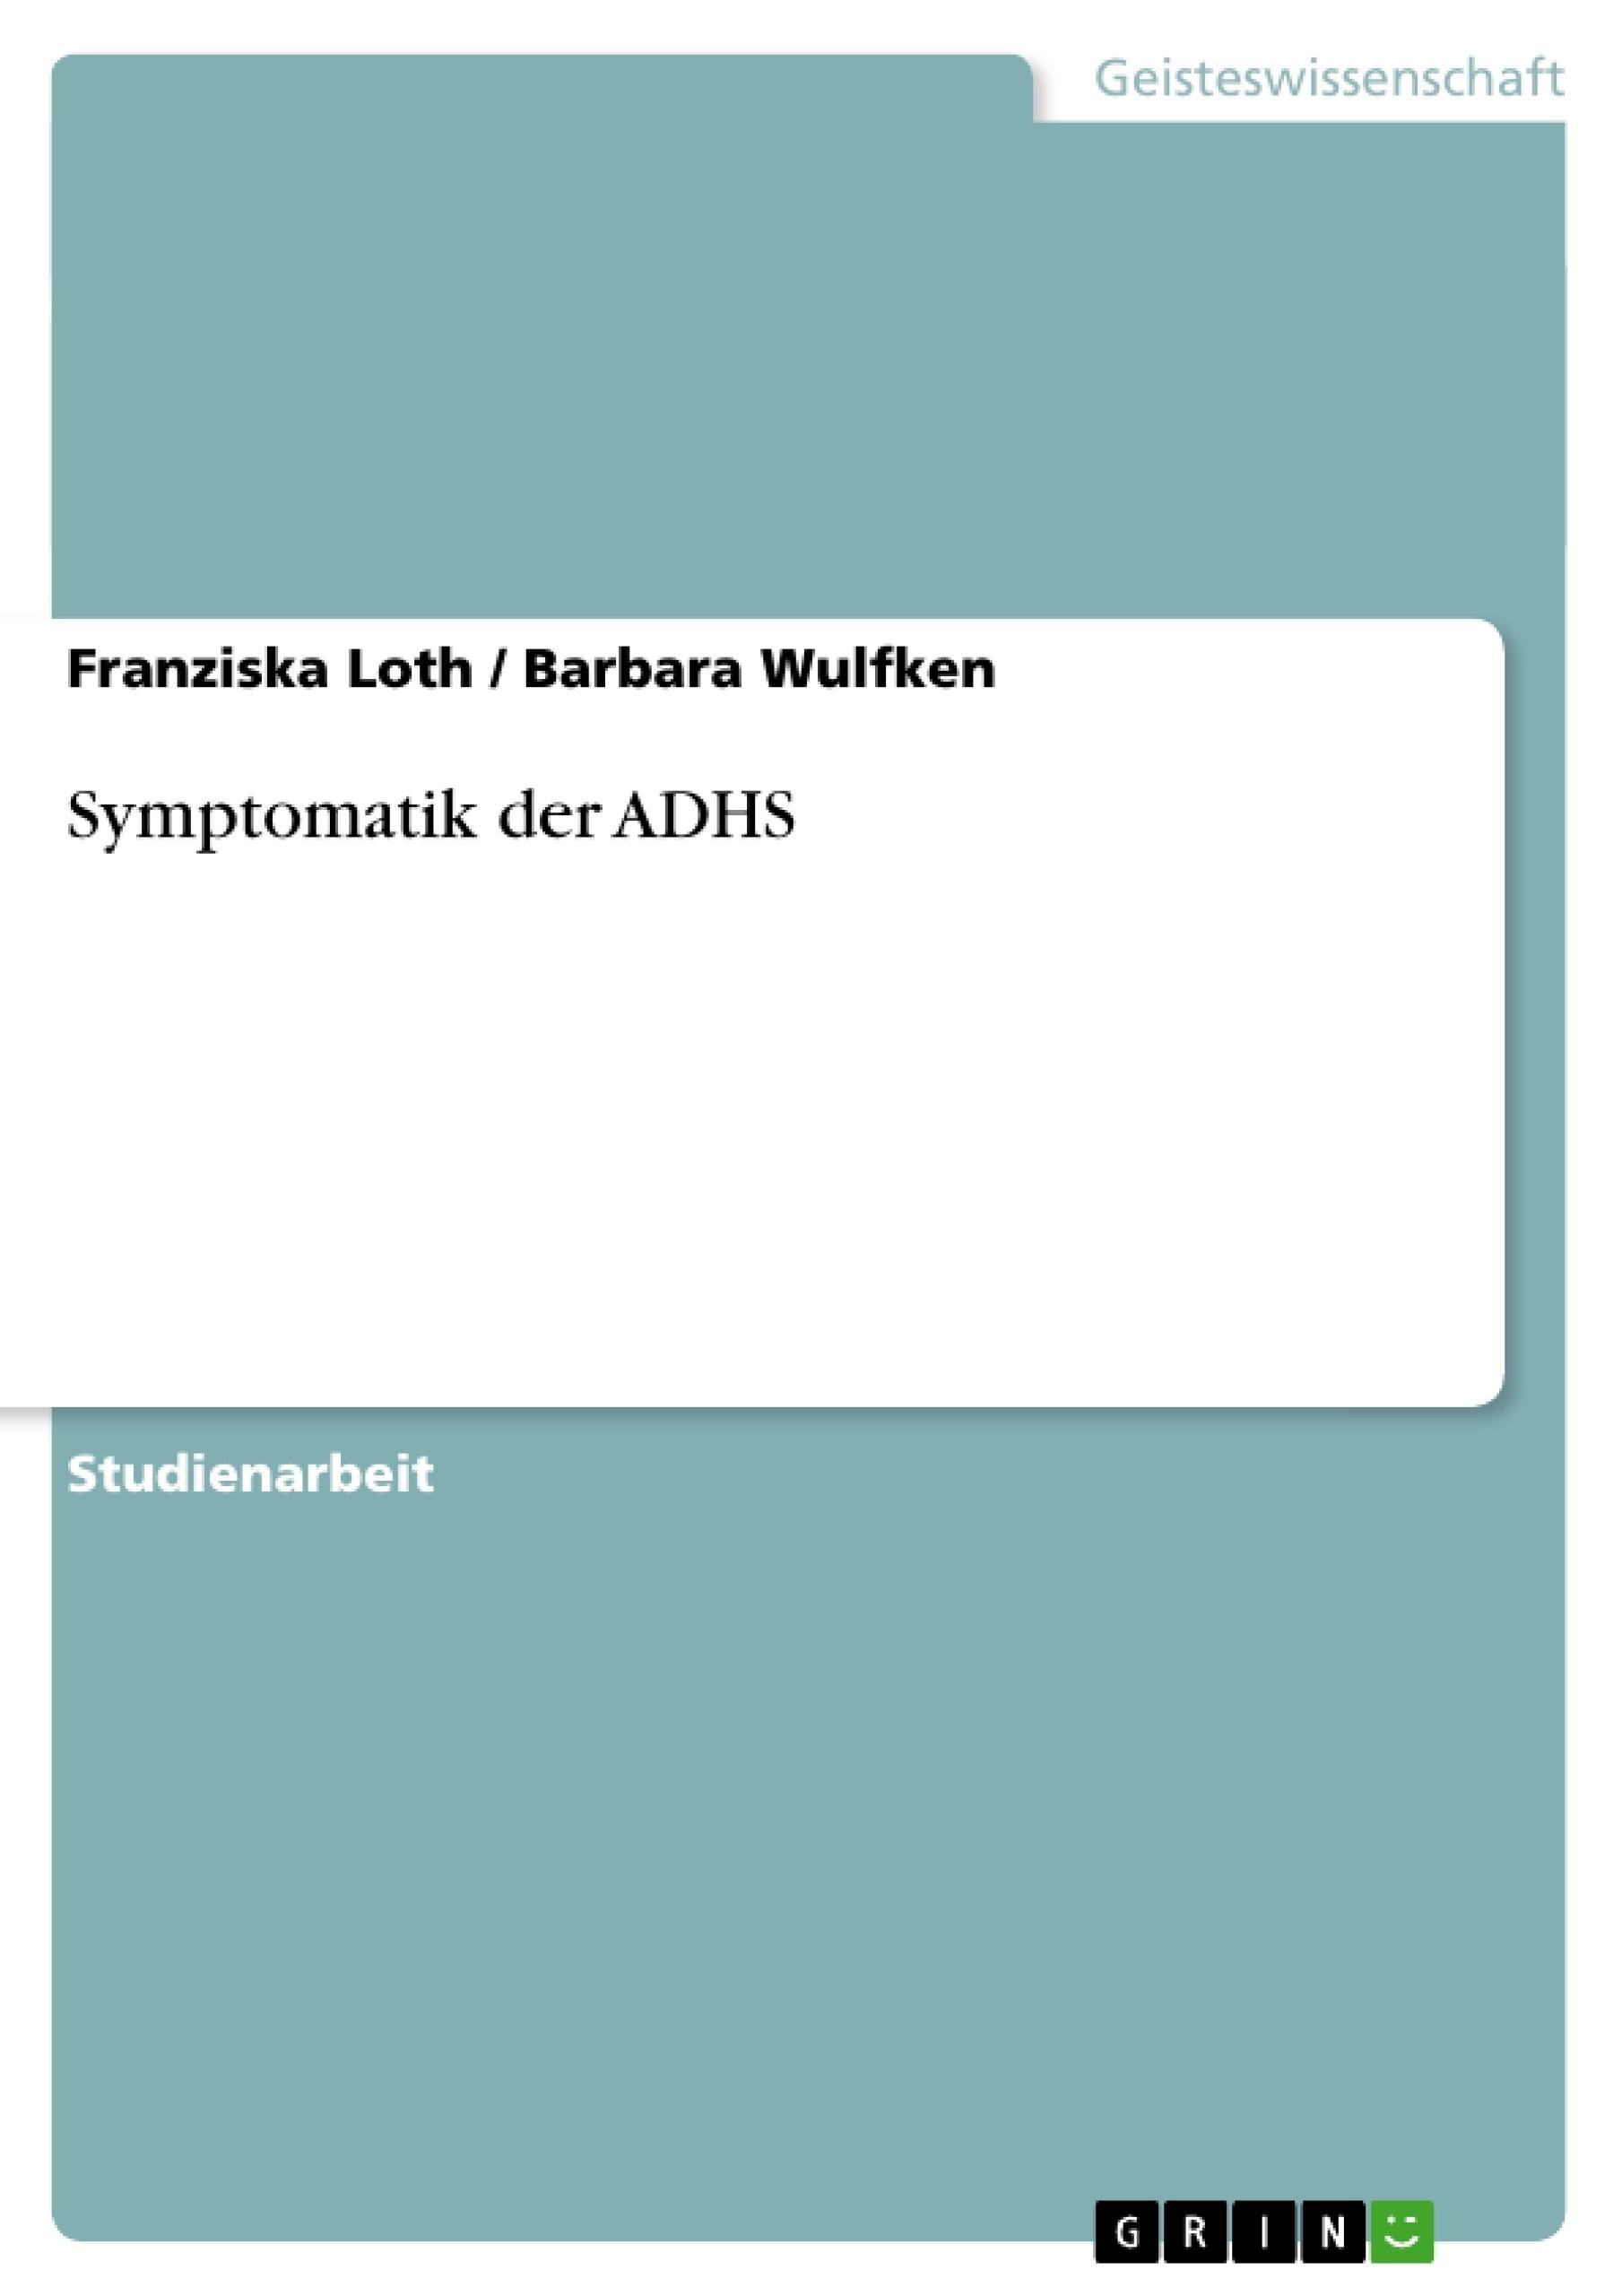 Titel: Symptomatik der ADHS